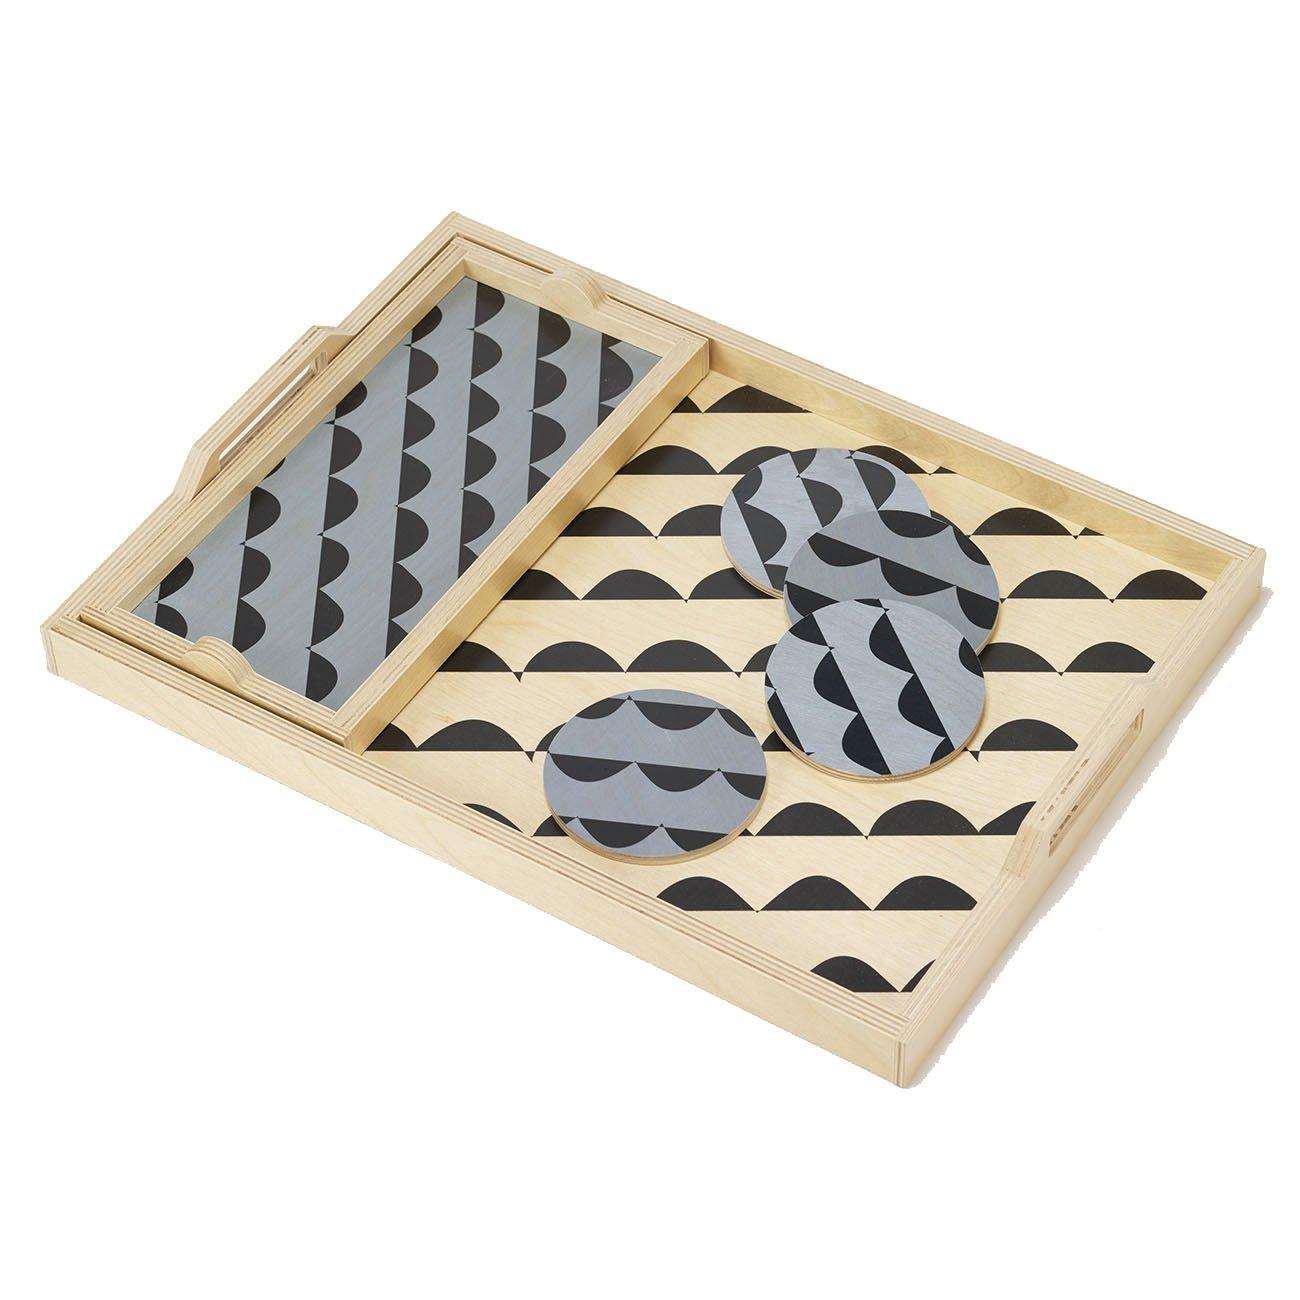 Wolfum curves tray set up1 web a50d1d0d acaf 4126 b73e 7884e5b1725b